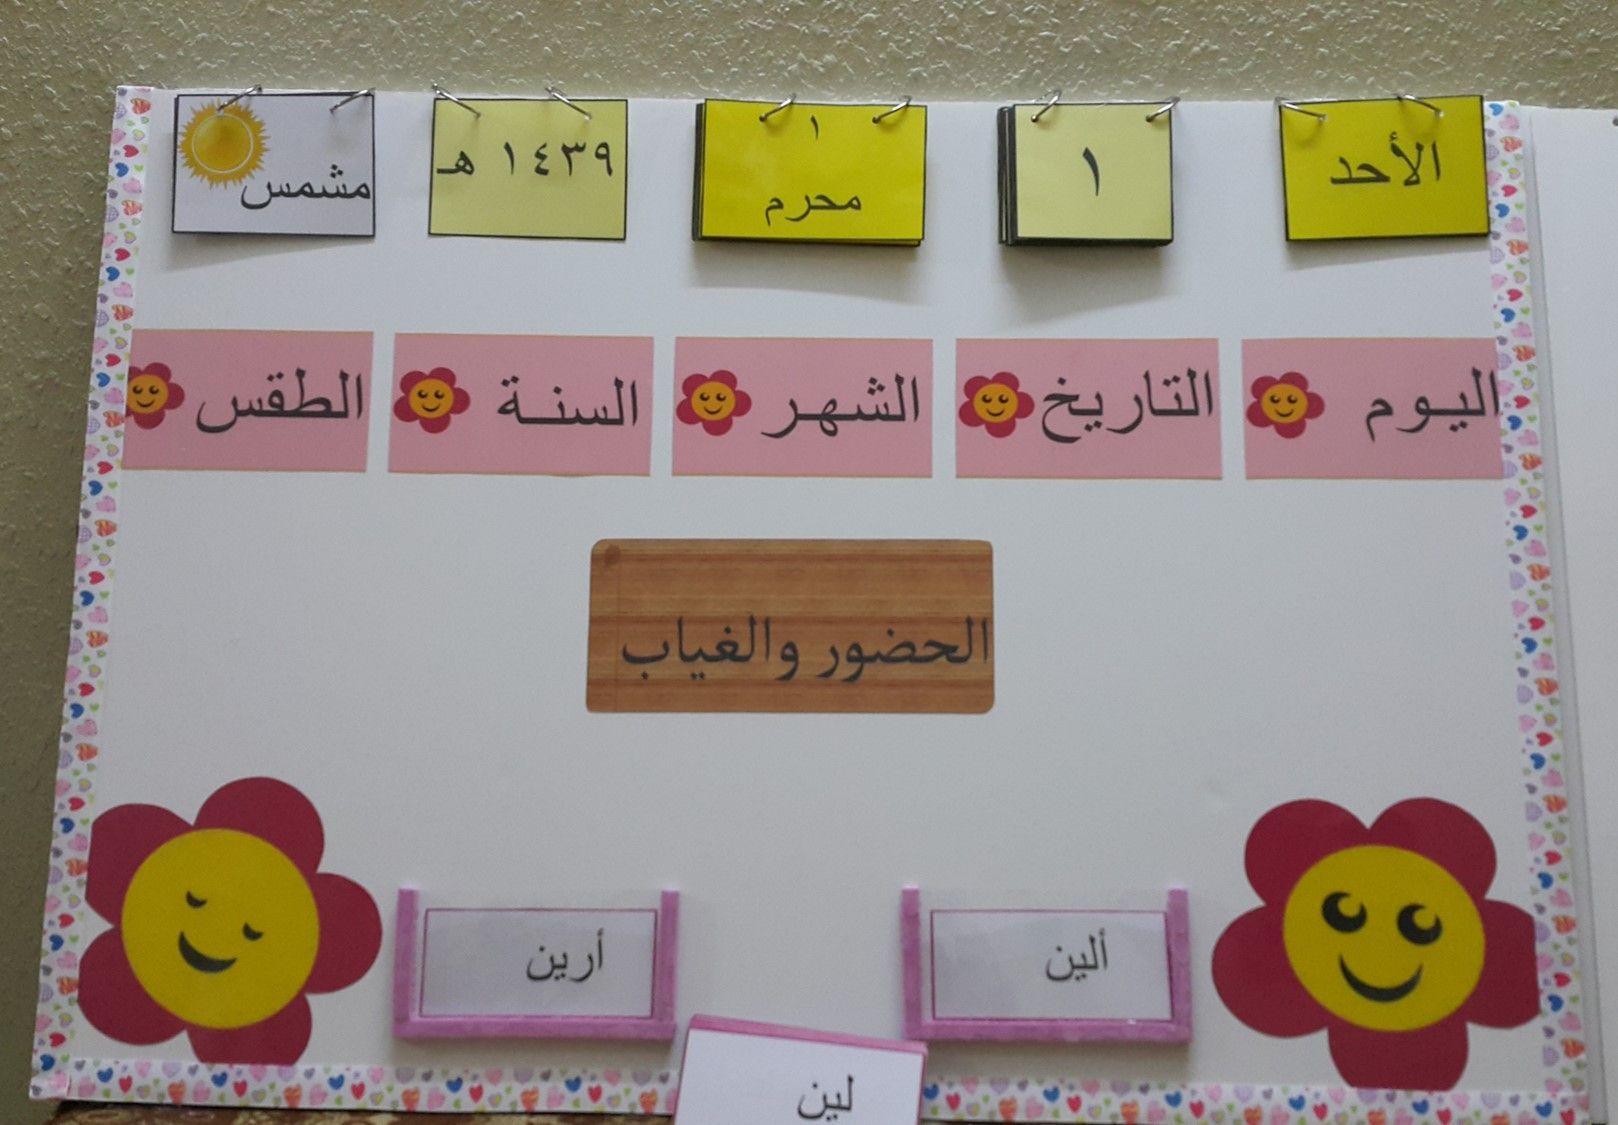 لوحة الحضور والغياب Kids Learning Activities Kids Education Arts And Crafts For Kids